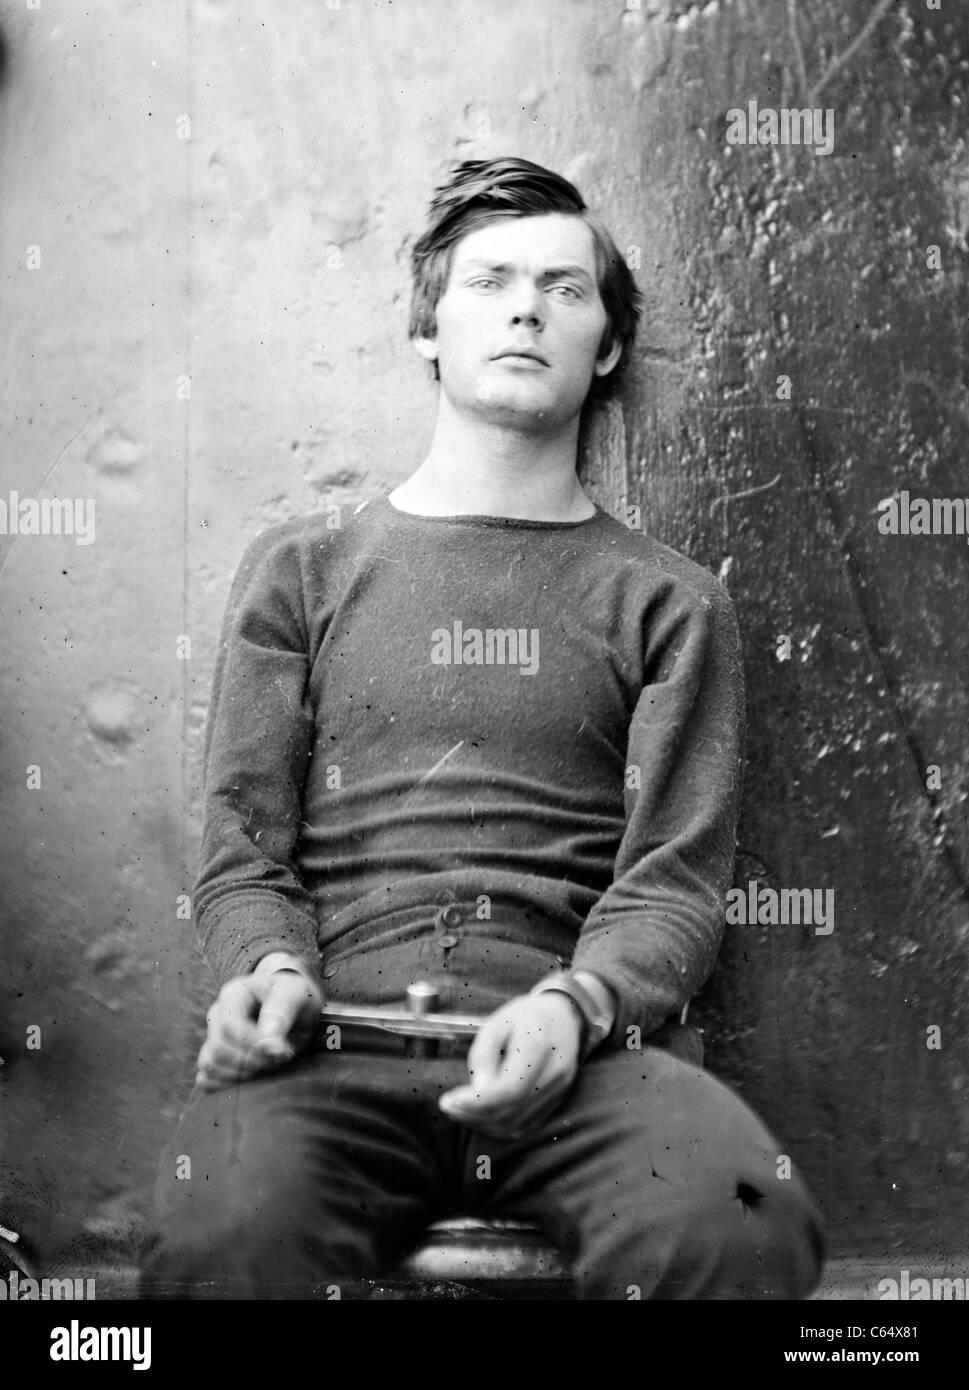 Lewis Thornton Powell, Lewis Paine, Lewis Payne, uno de los conspiradores del asesinato del Presidente Lincoln. Imagen De Stock